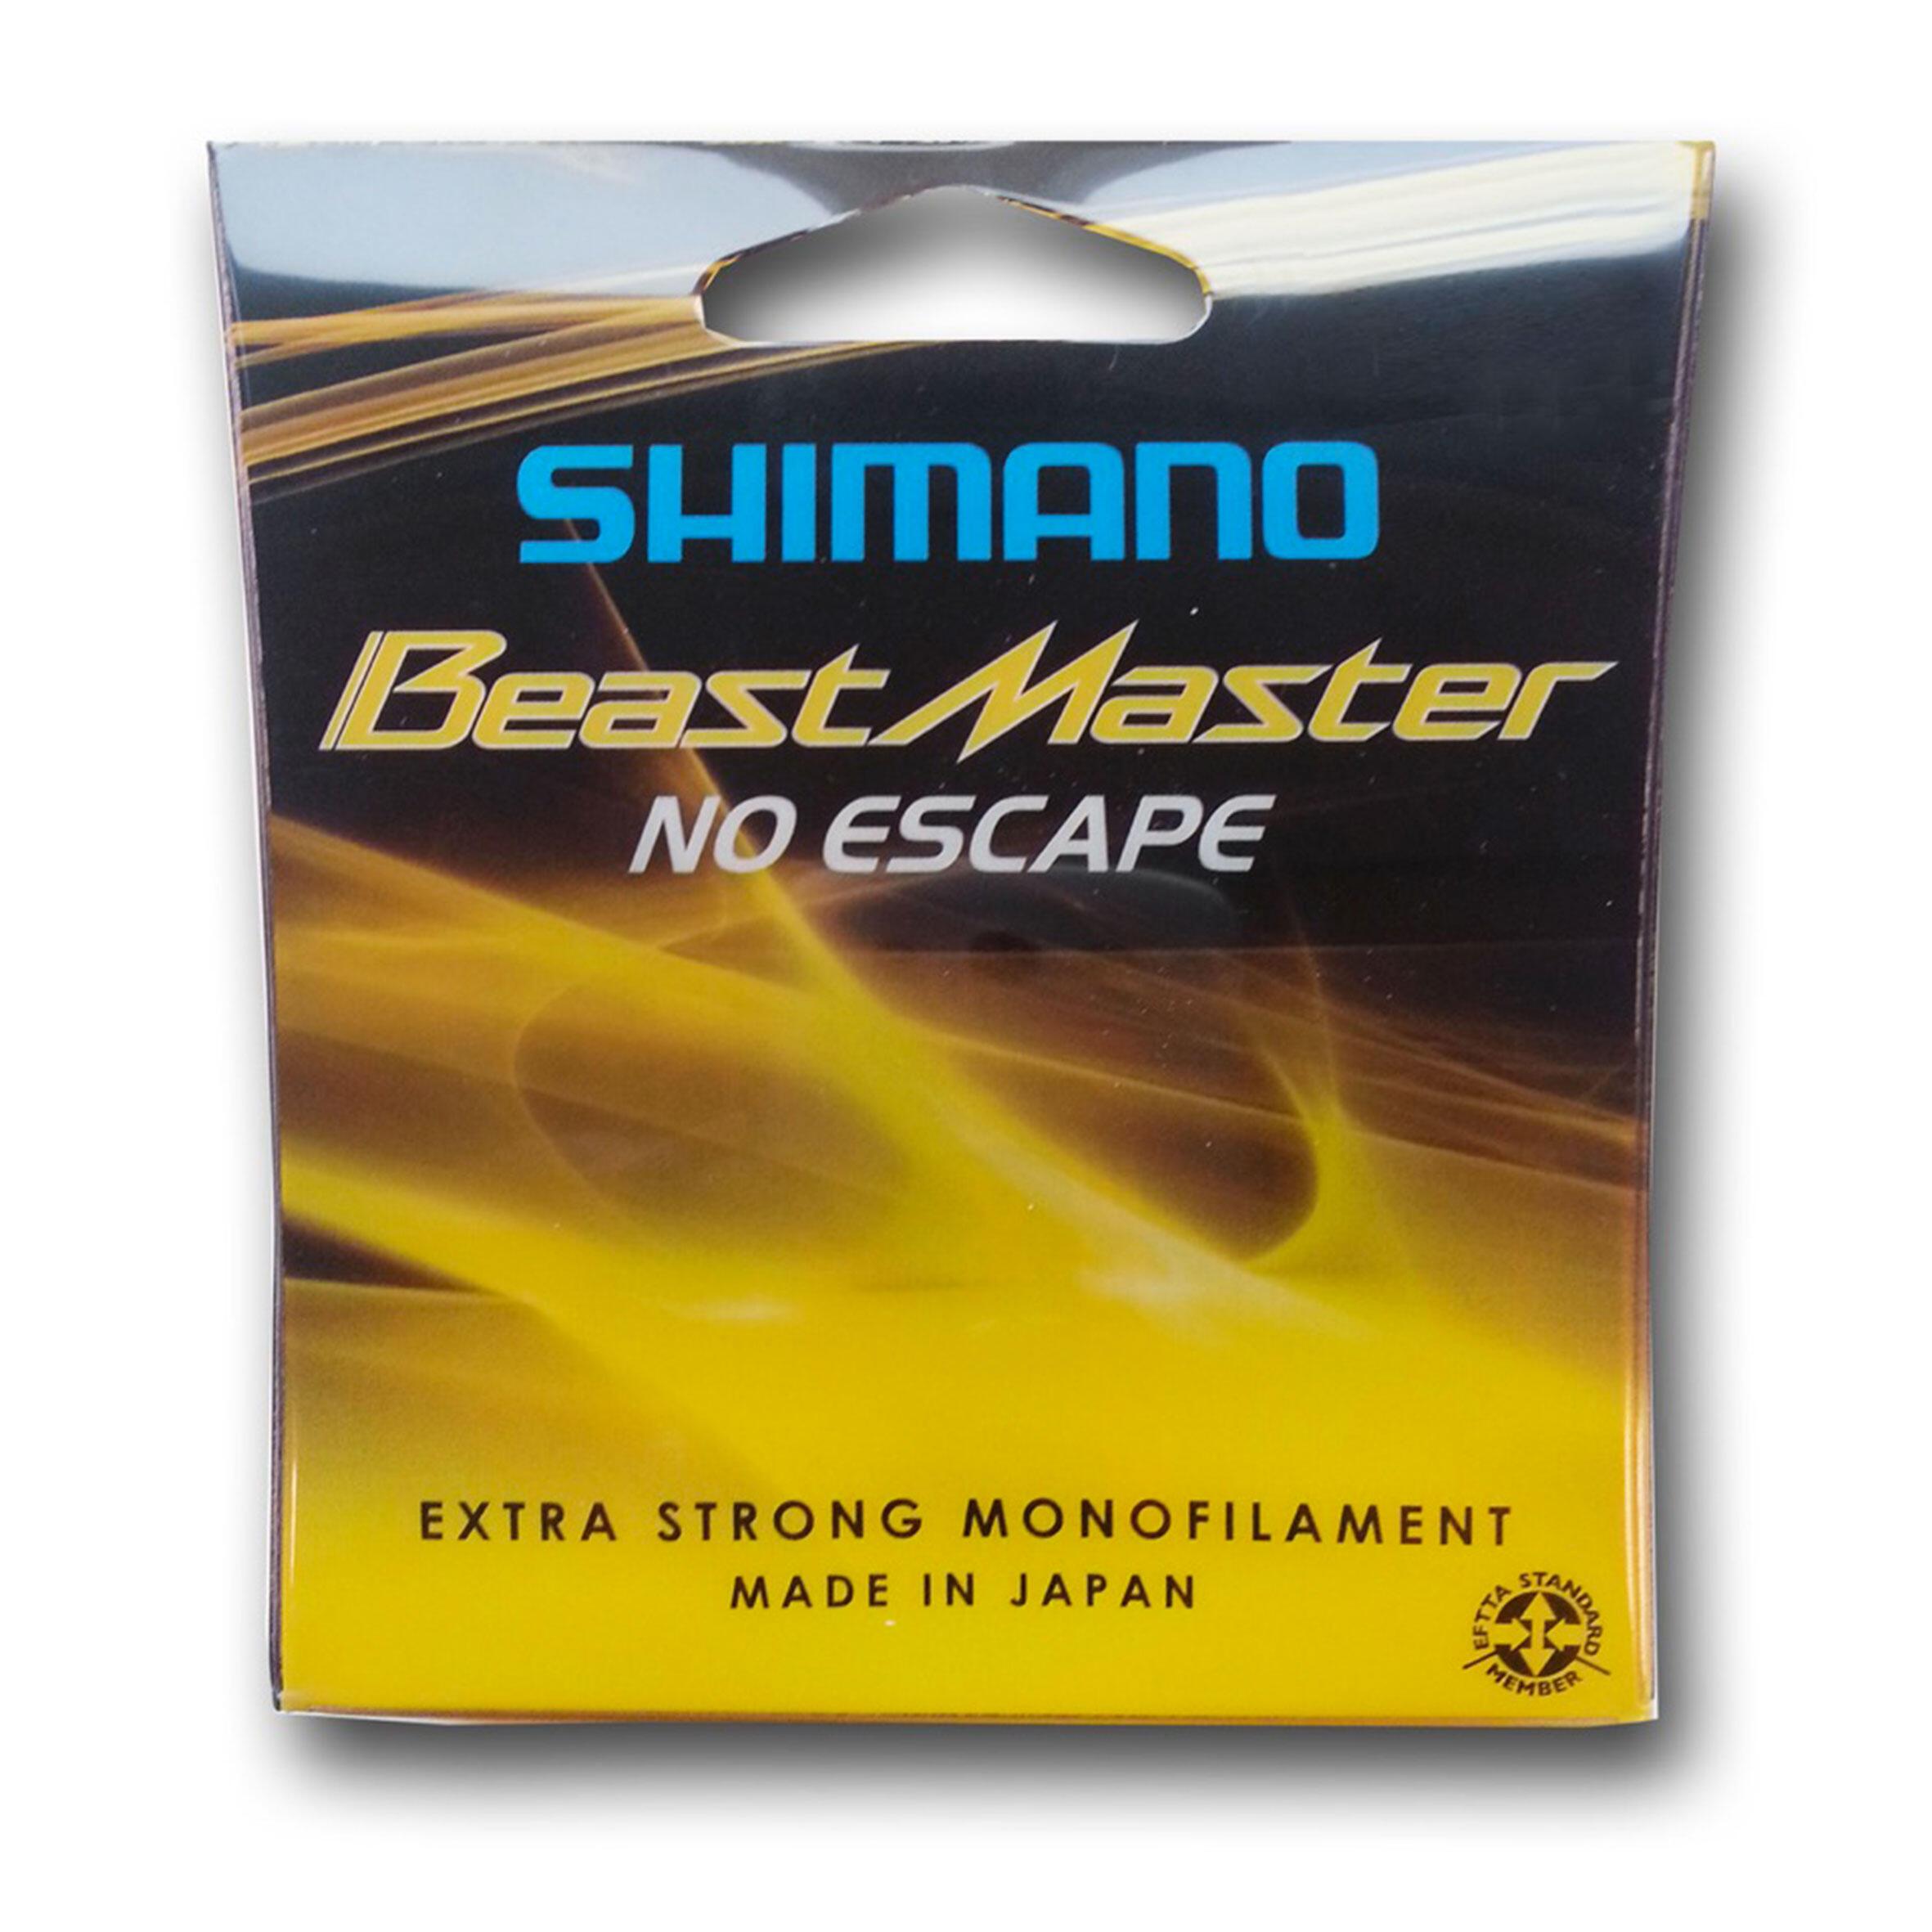 Fir Beastmaster 200M imagine